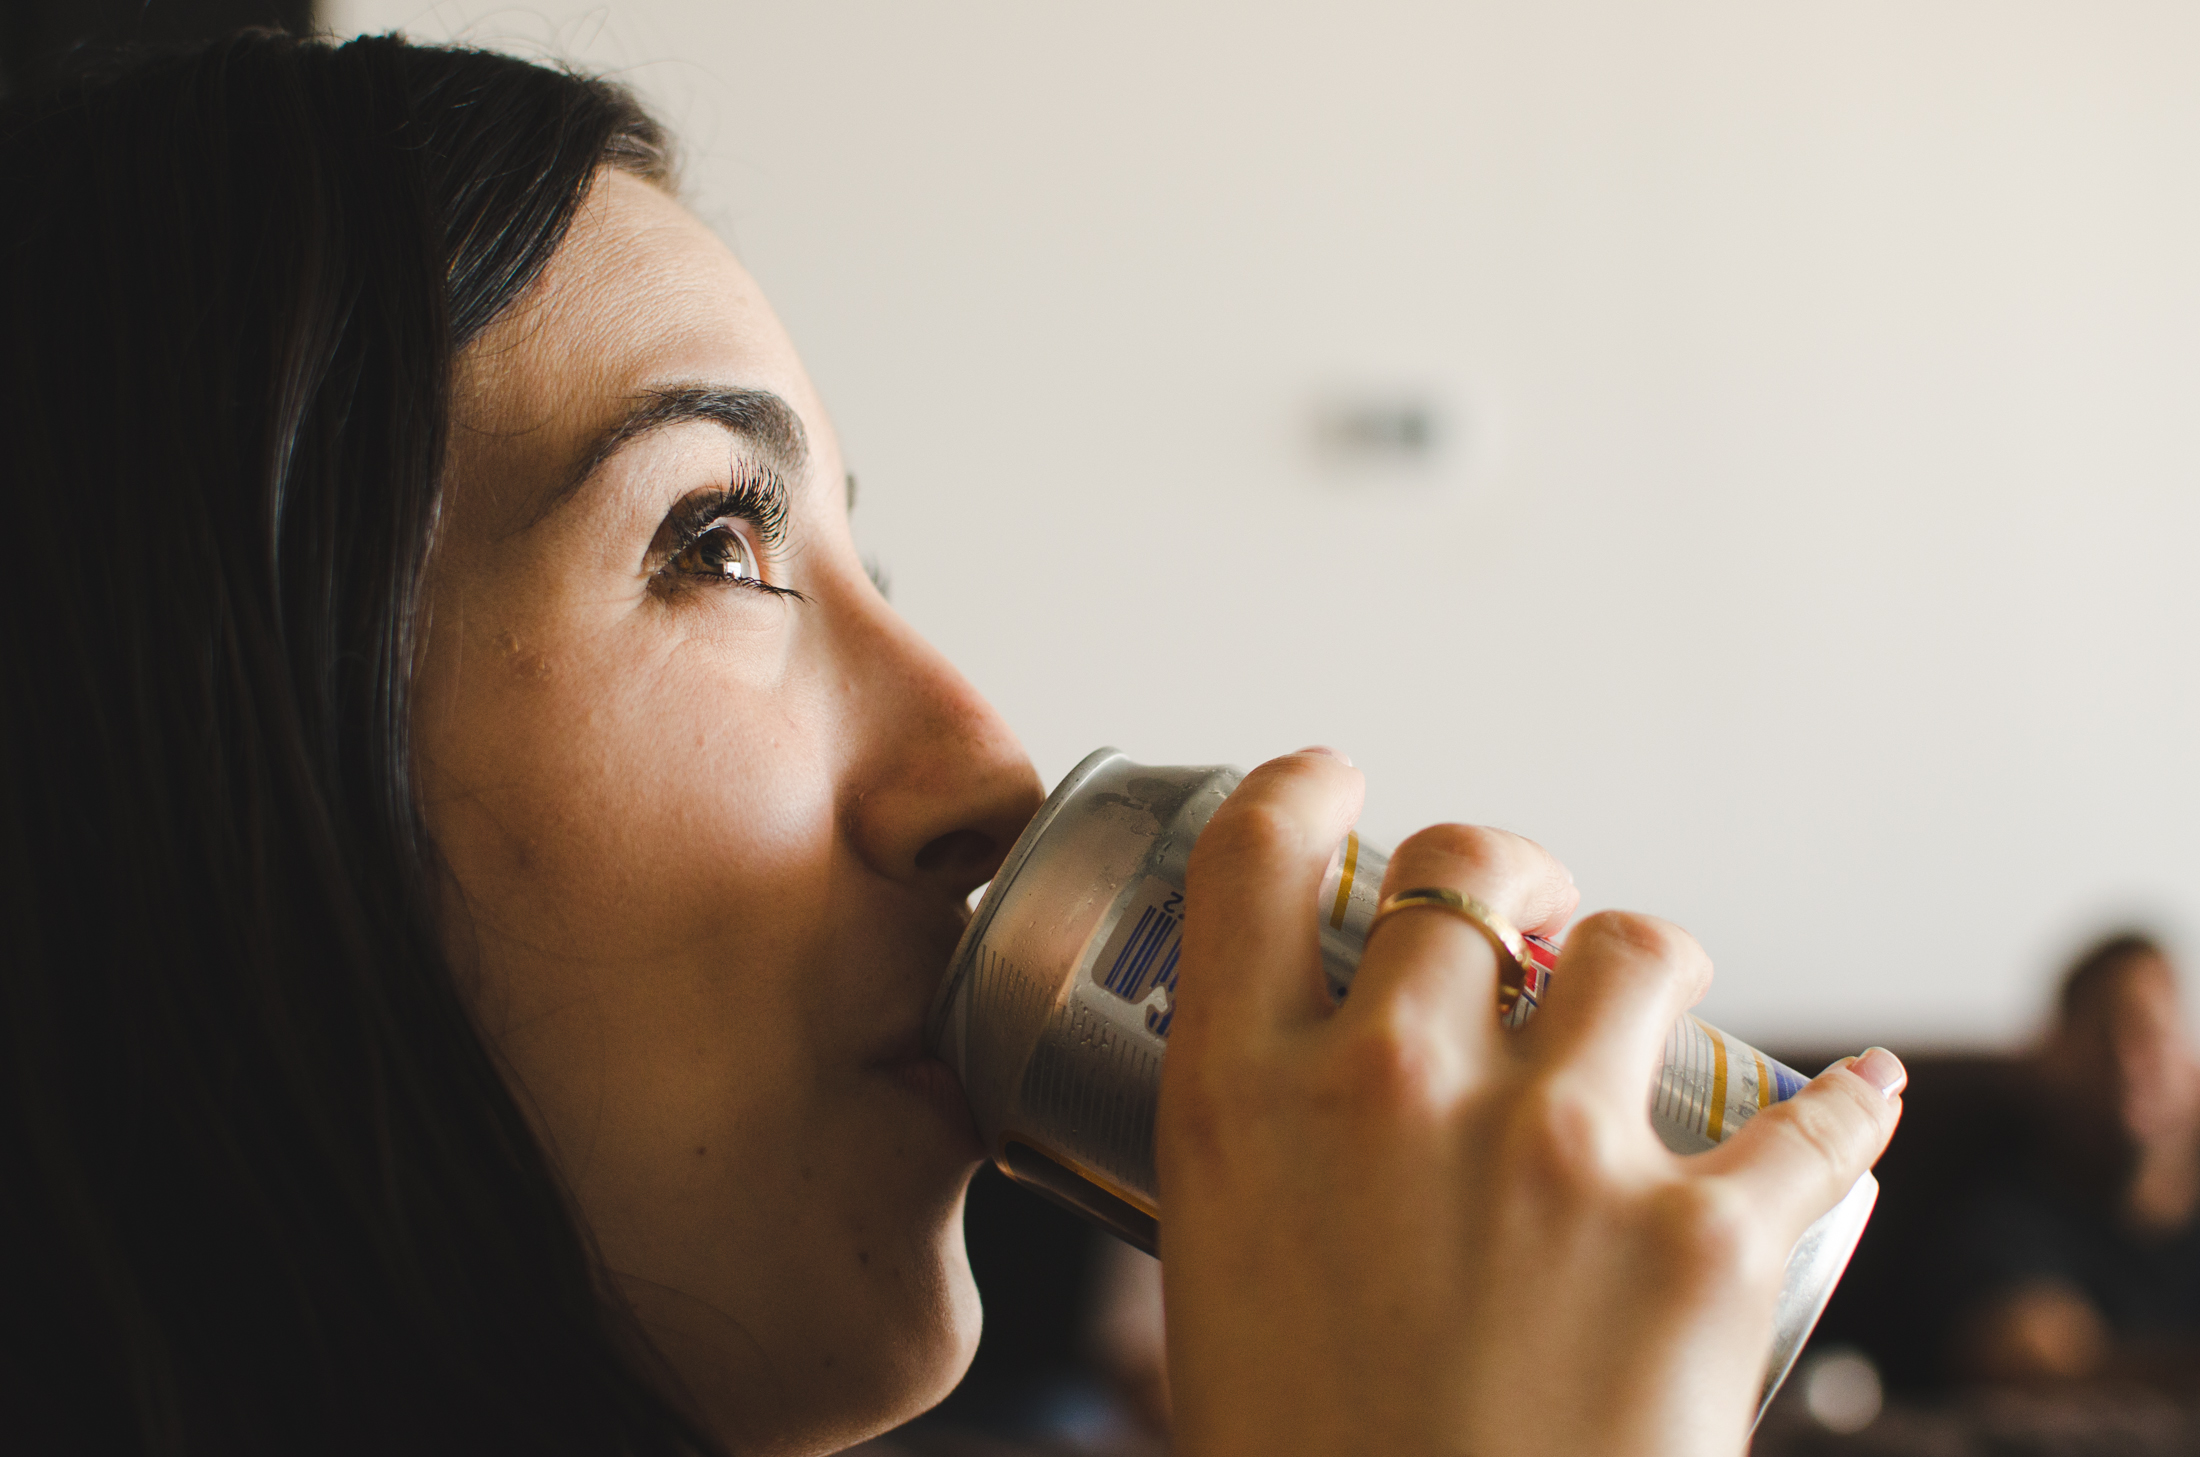 Chica tomando lata de cerveza - 2200x1457